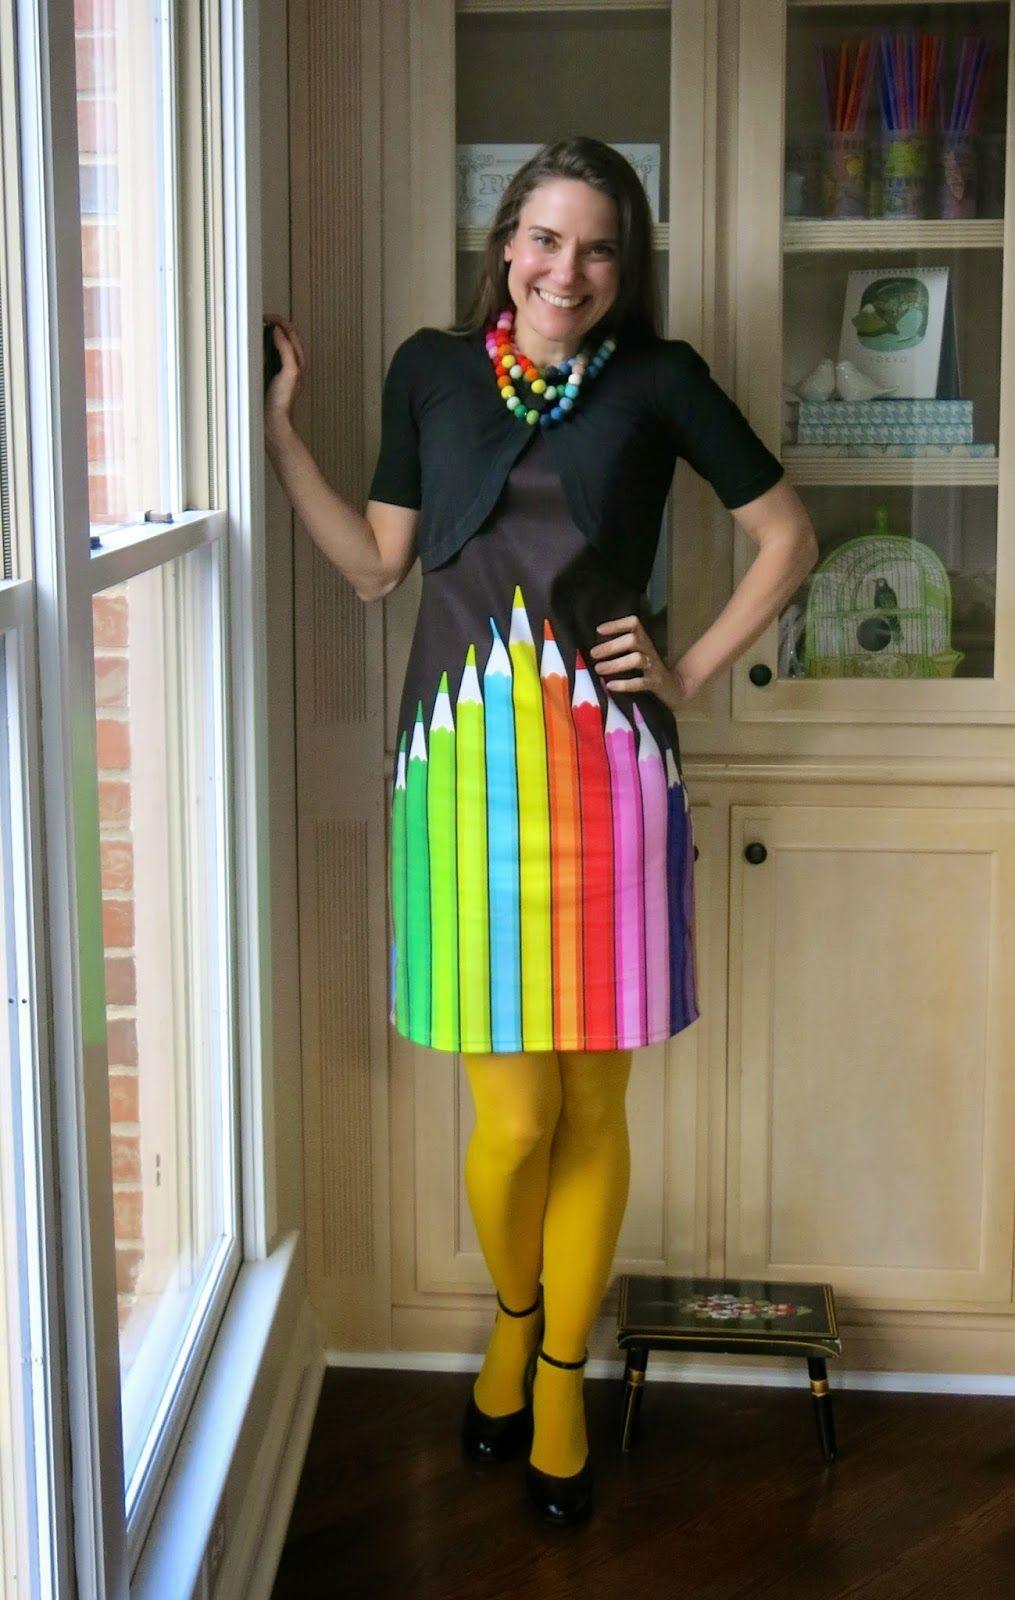 pencil dress for the art teacher | my blog | Pinterest | Teaching ...